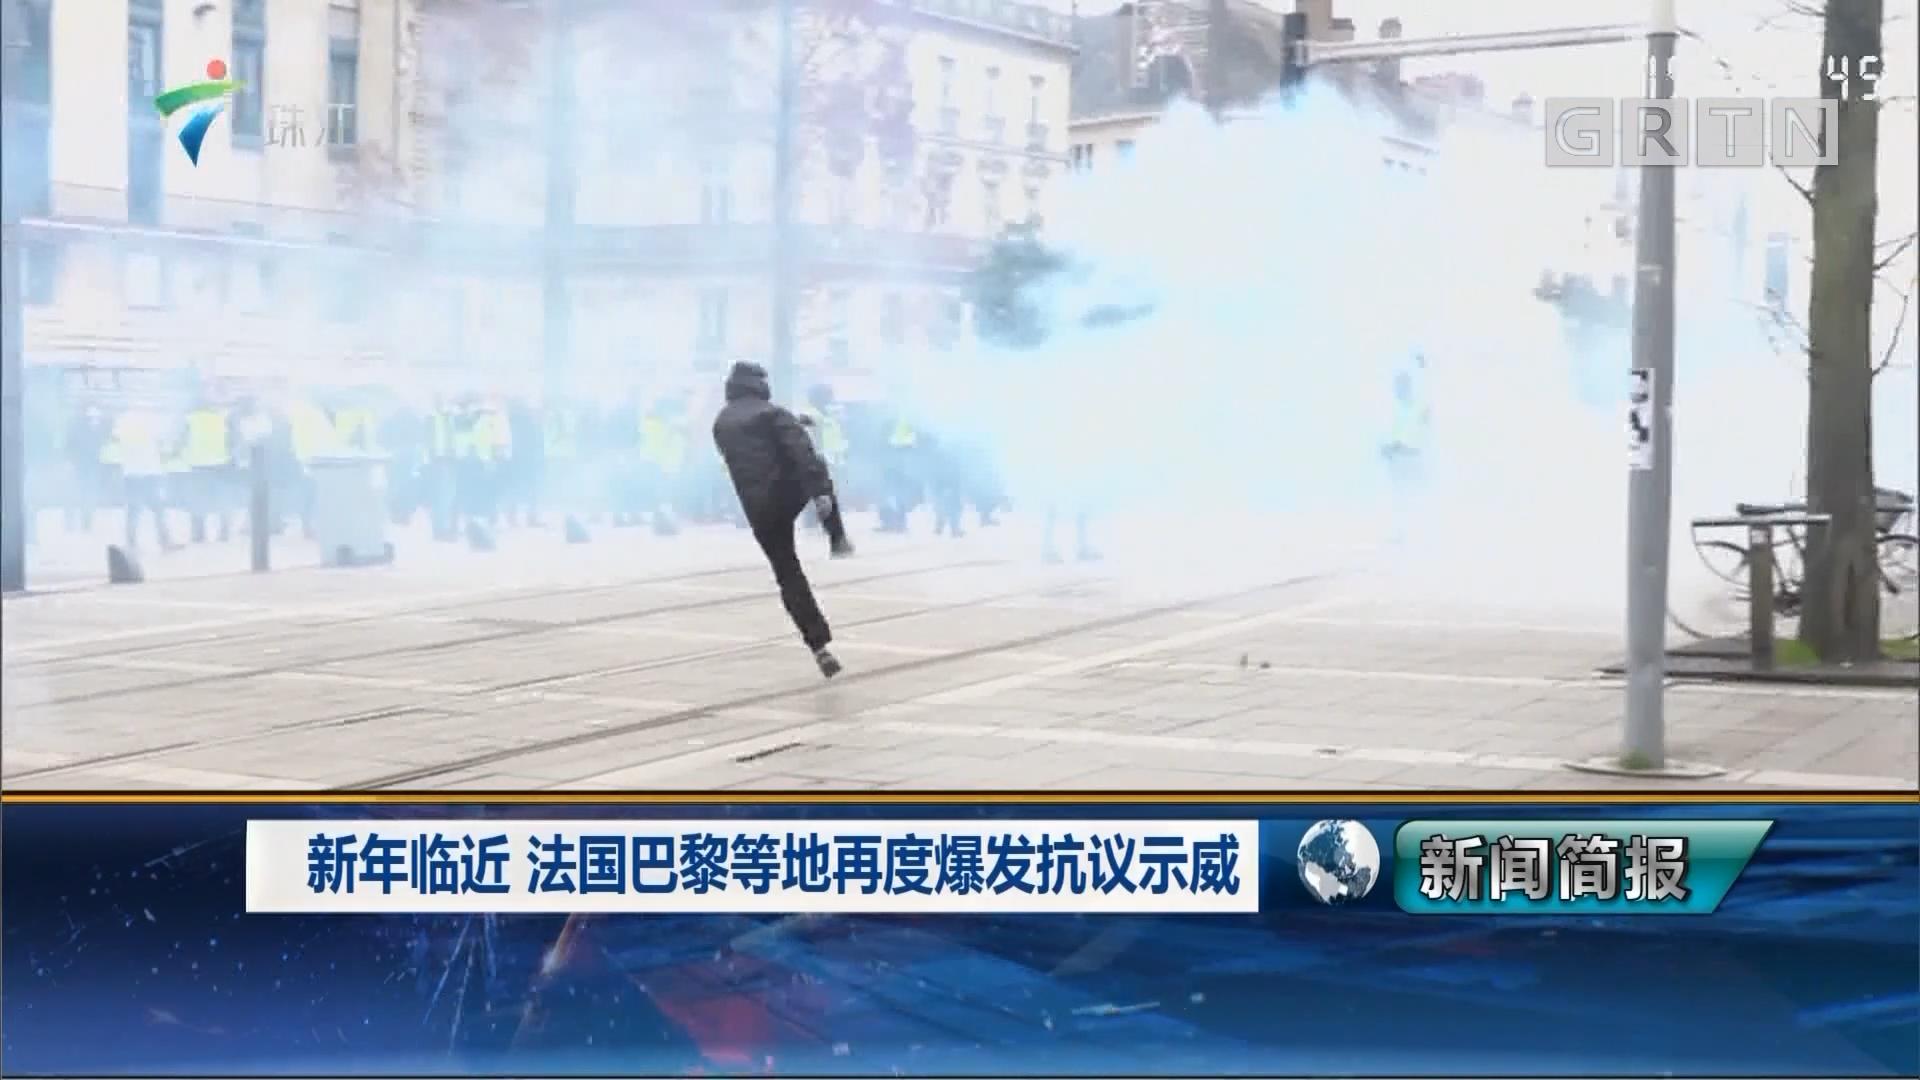 新年临近 法国巴黎等地再度爆发抗议示威